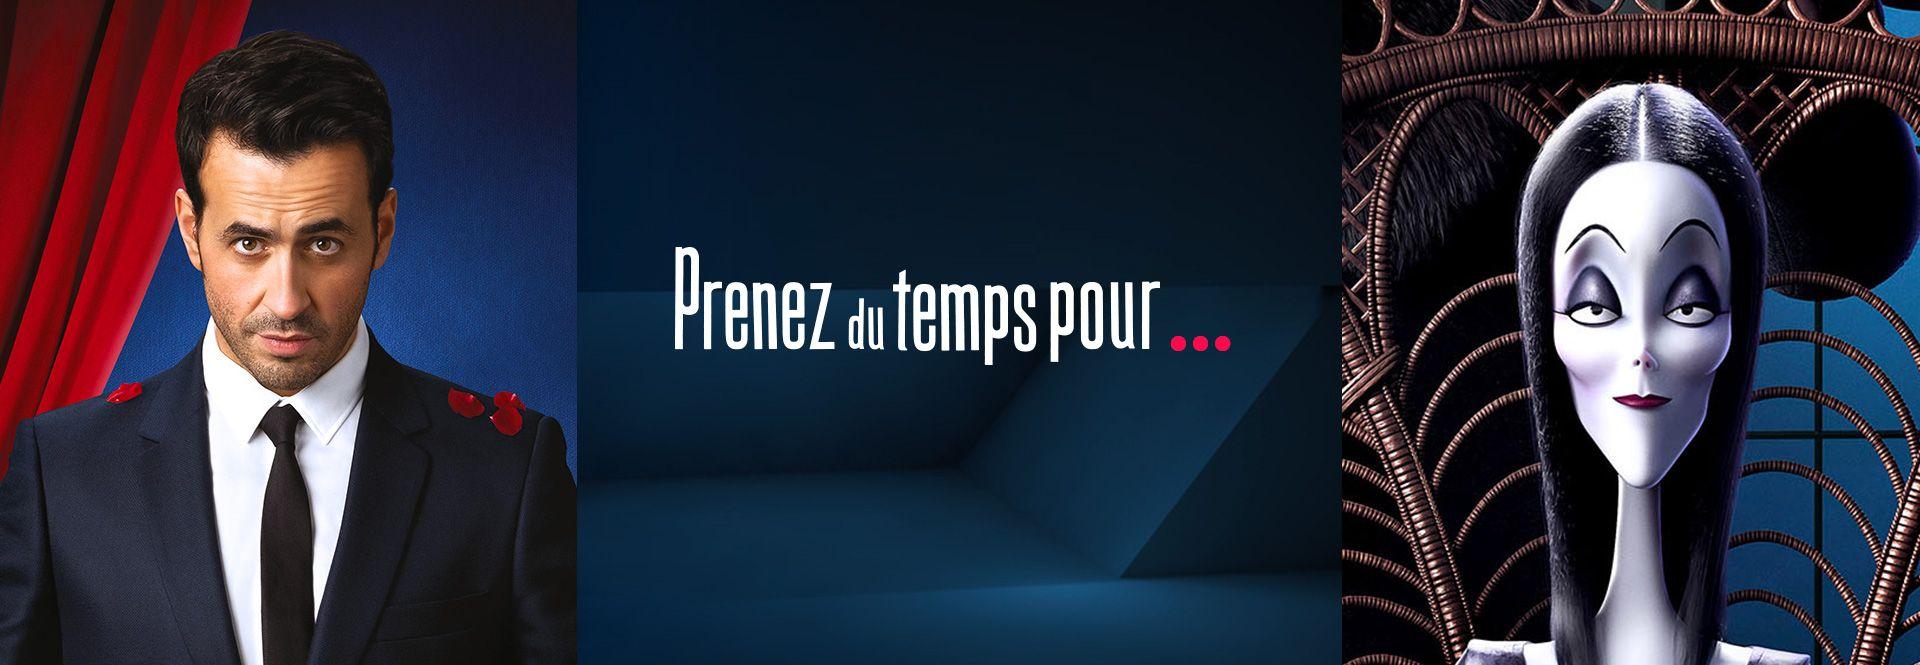 CANAL+ lance l'opération PRENEZ DU TEMPS POUR...